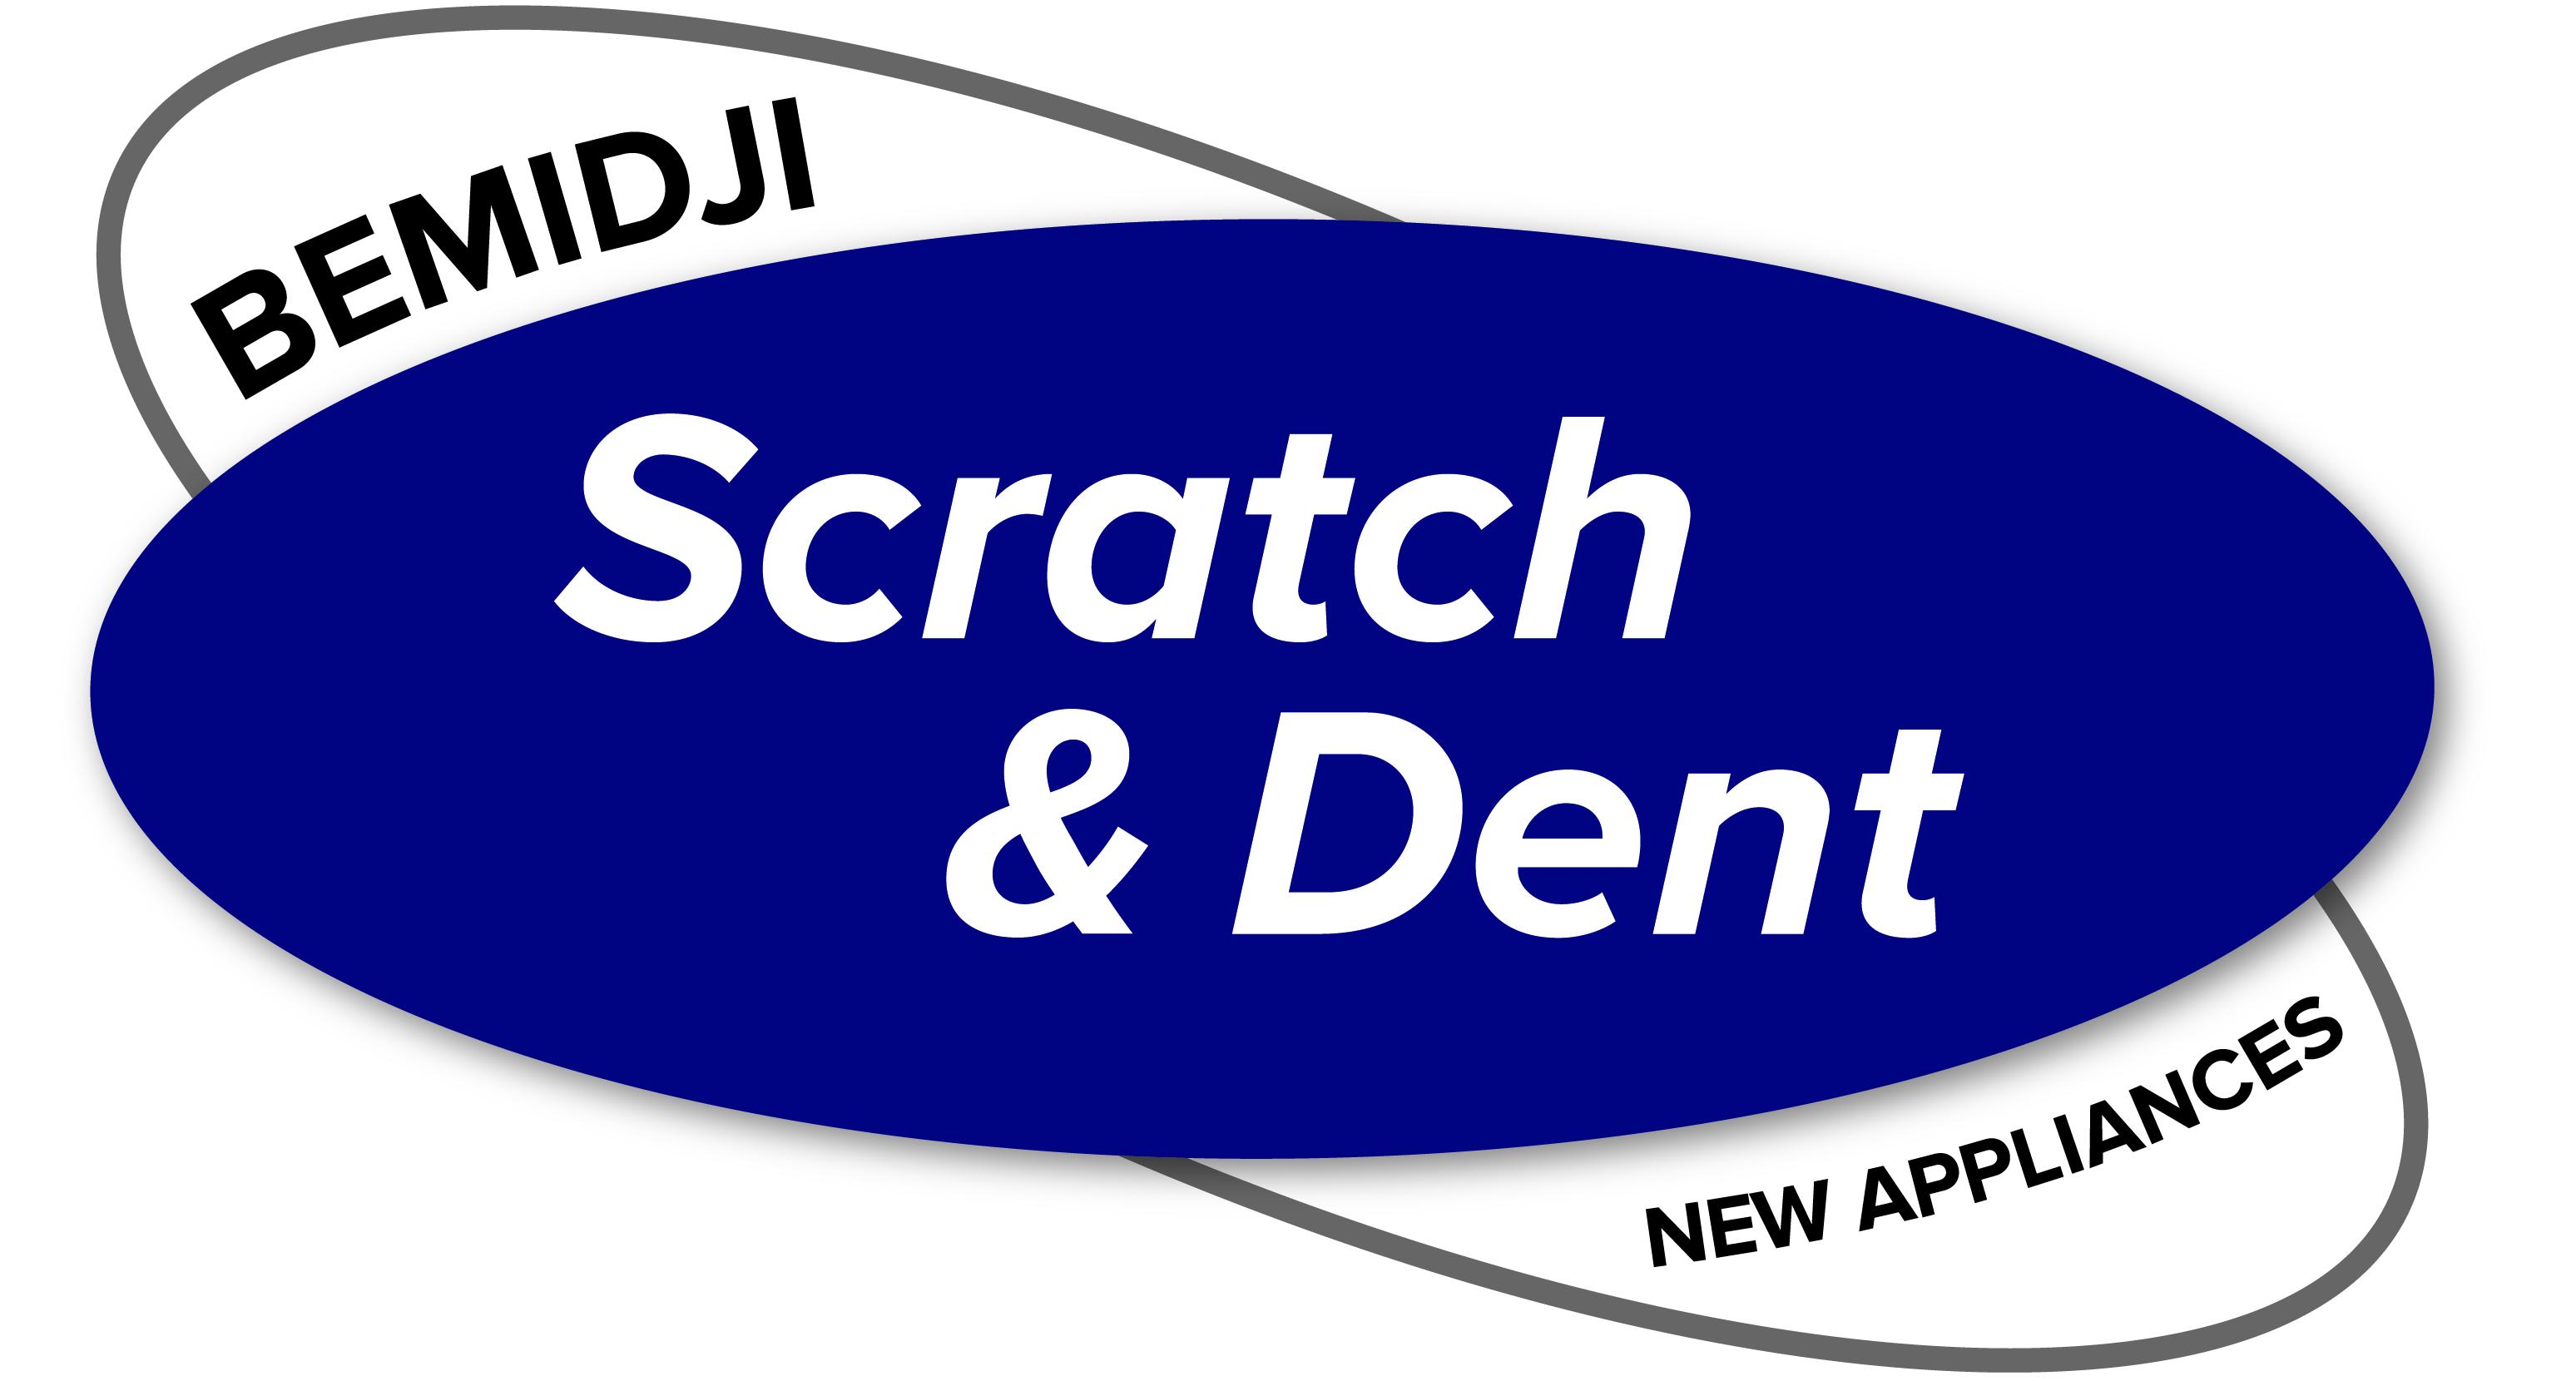 Bemidji Scratch & Dent